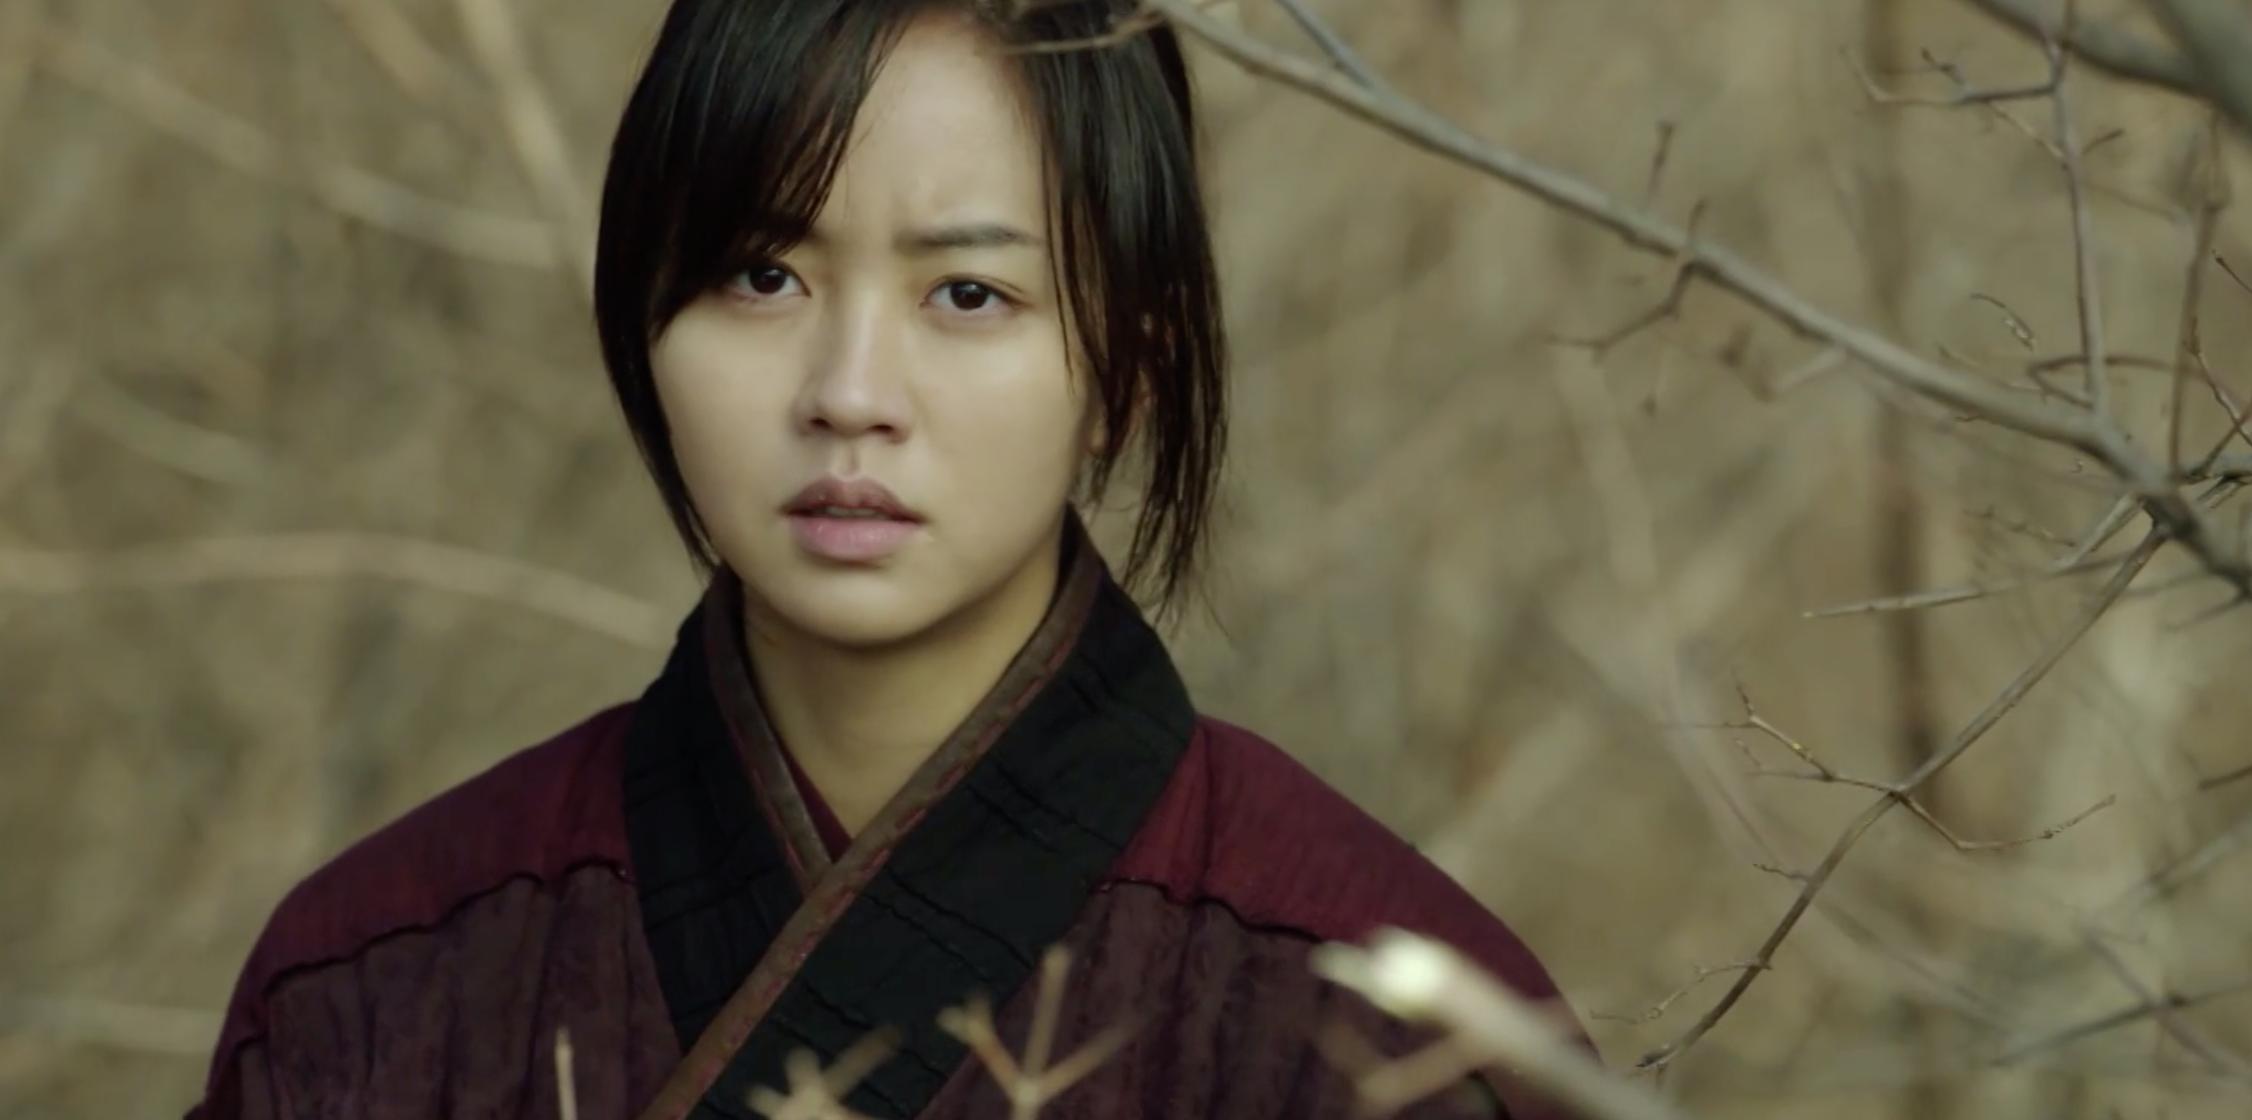 Vừa mới dẫn Kim So Hyun về ra mắt, Ji Soo phát hiện crush là kẻ gián tiếp giết cha ở Sông Đón Trăng Lên? - Ảnh 9.